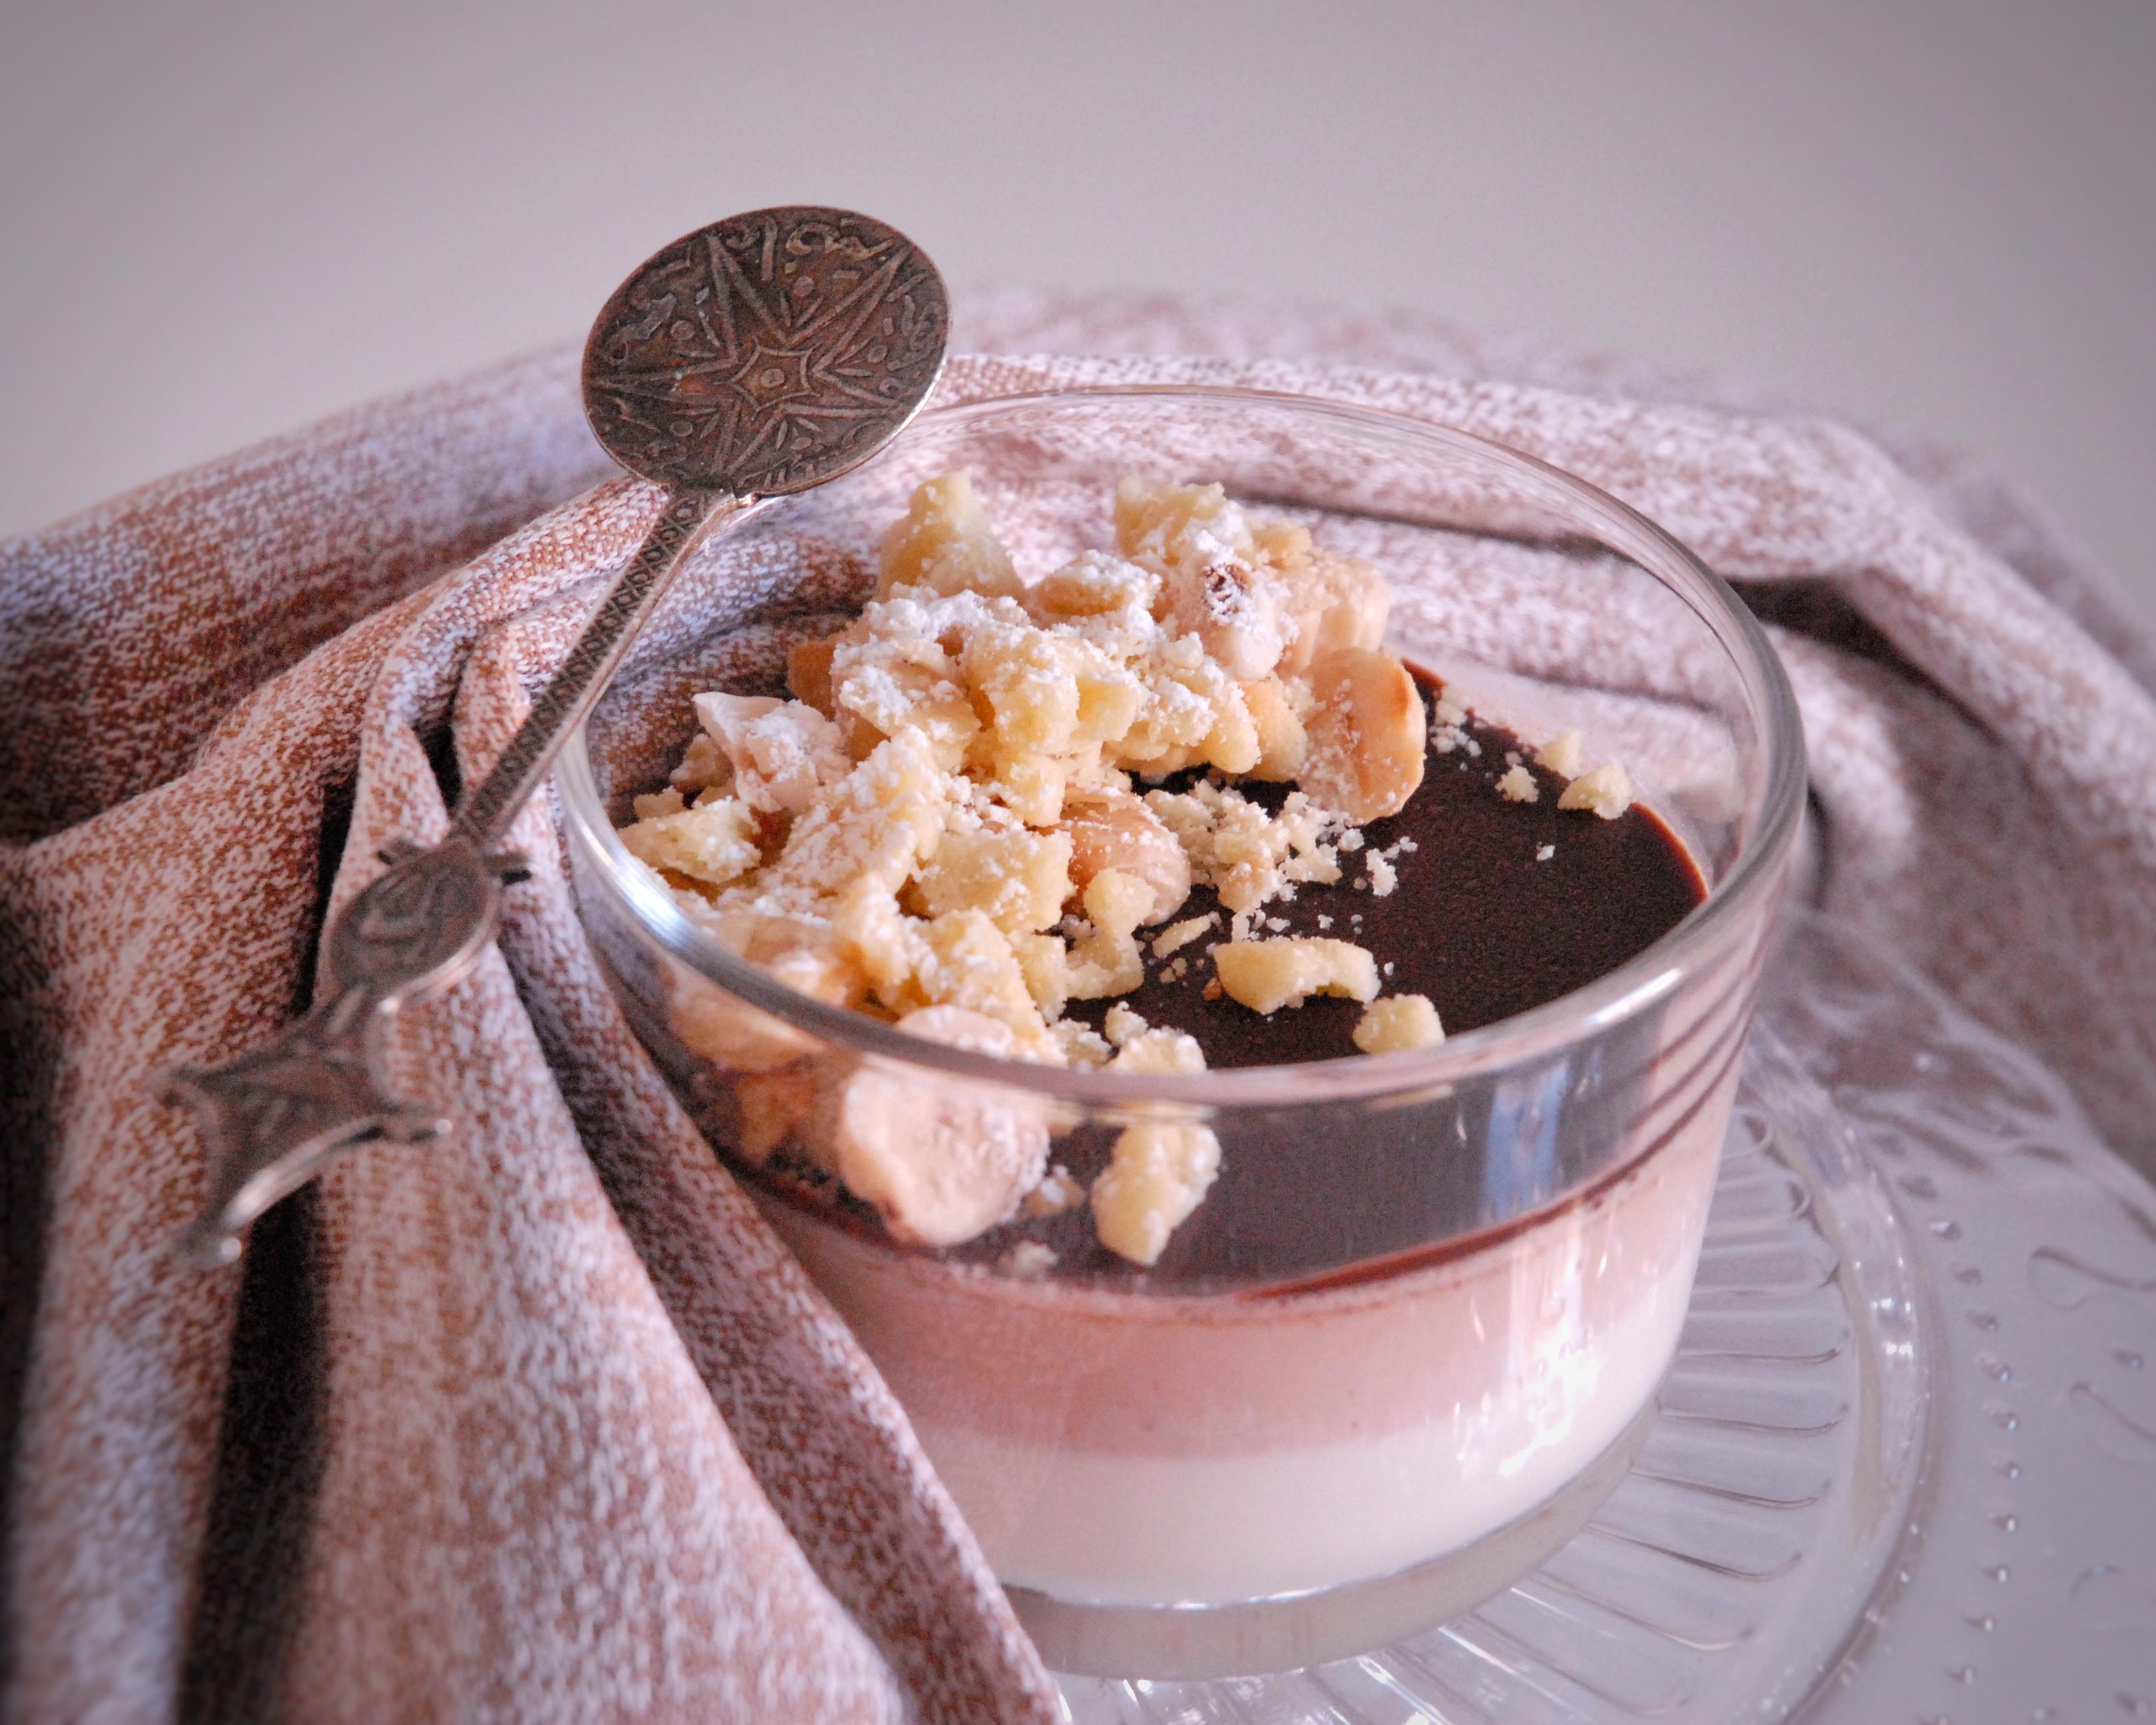 Panna cotta nocciola e vaniglia con crumble di frolla e nocciole tostate